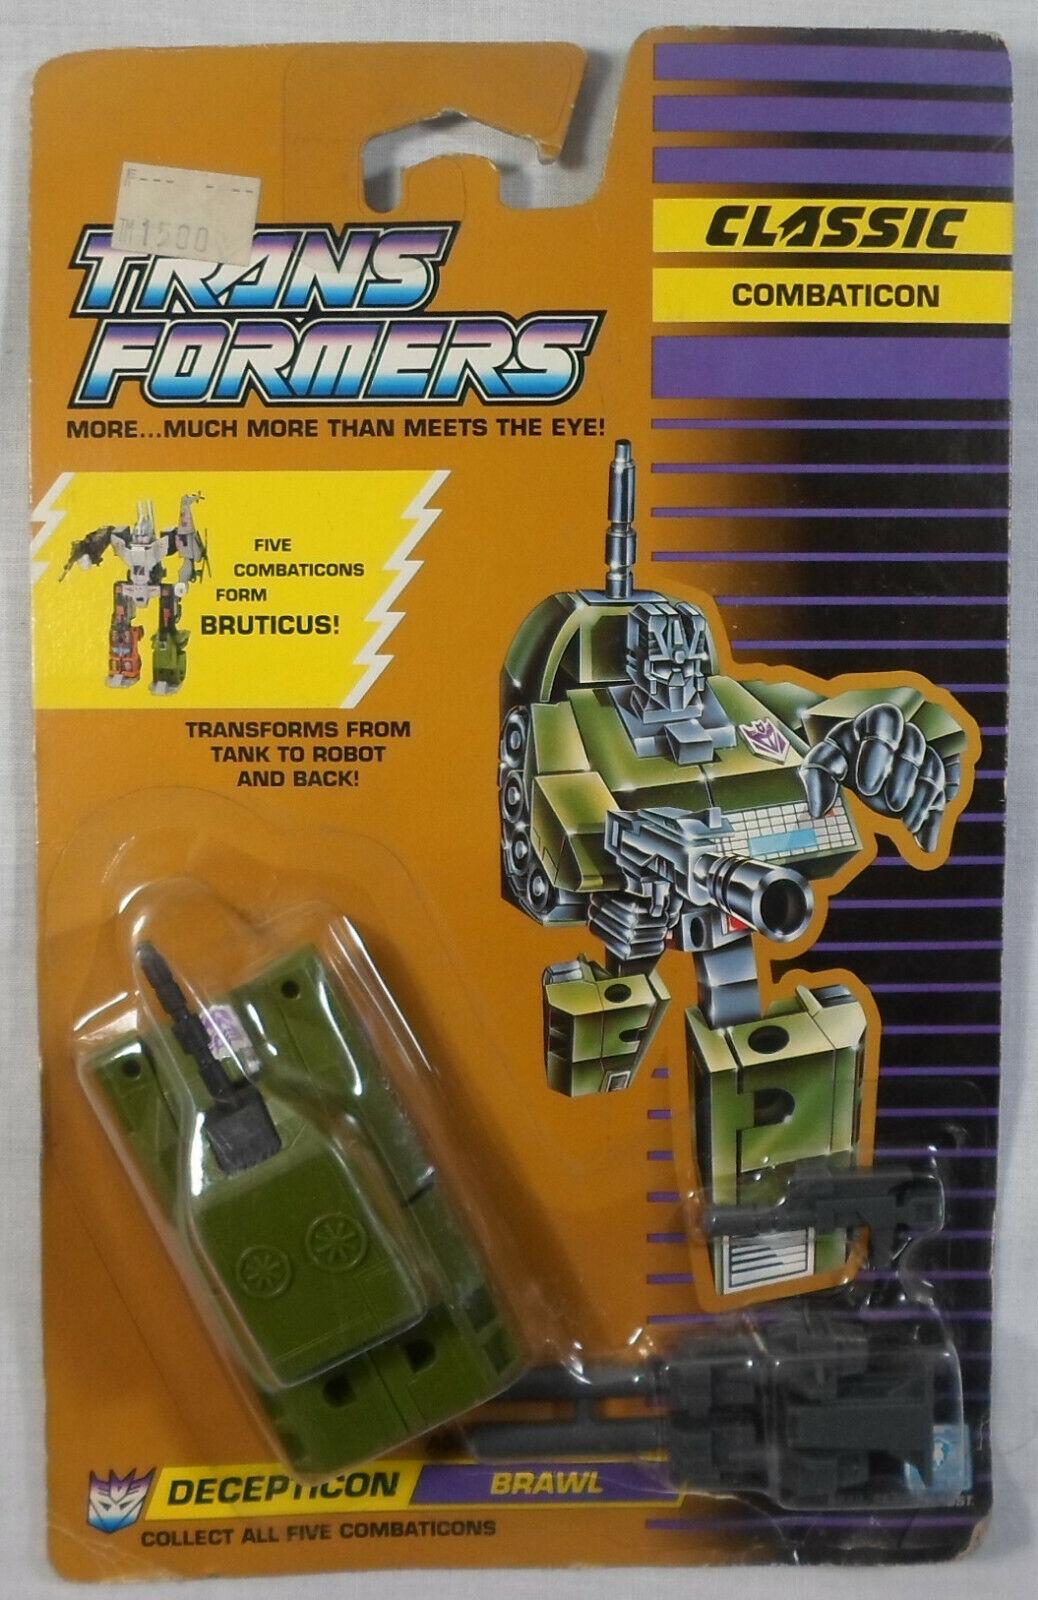 ofrecemos varias marcas famosas Transformers G1 1990 Classics Combaticon Brawl Bruticus Hasbro Hasbro Hasbro reino unido europeo en perfecto estado en Cochetón sellado  precios bajos todos los dias